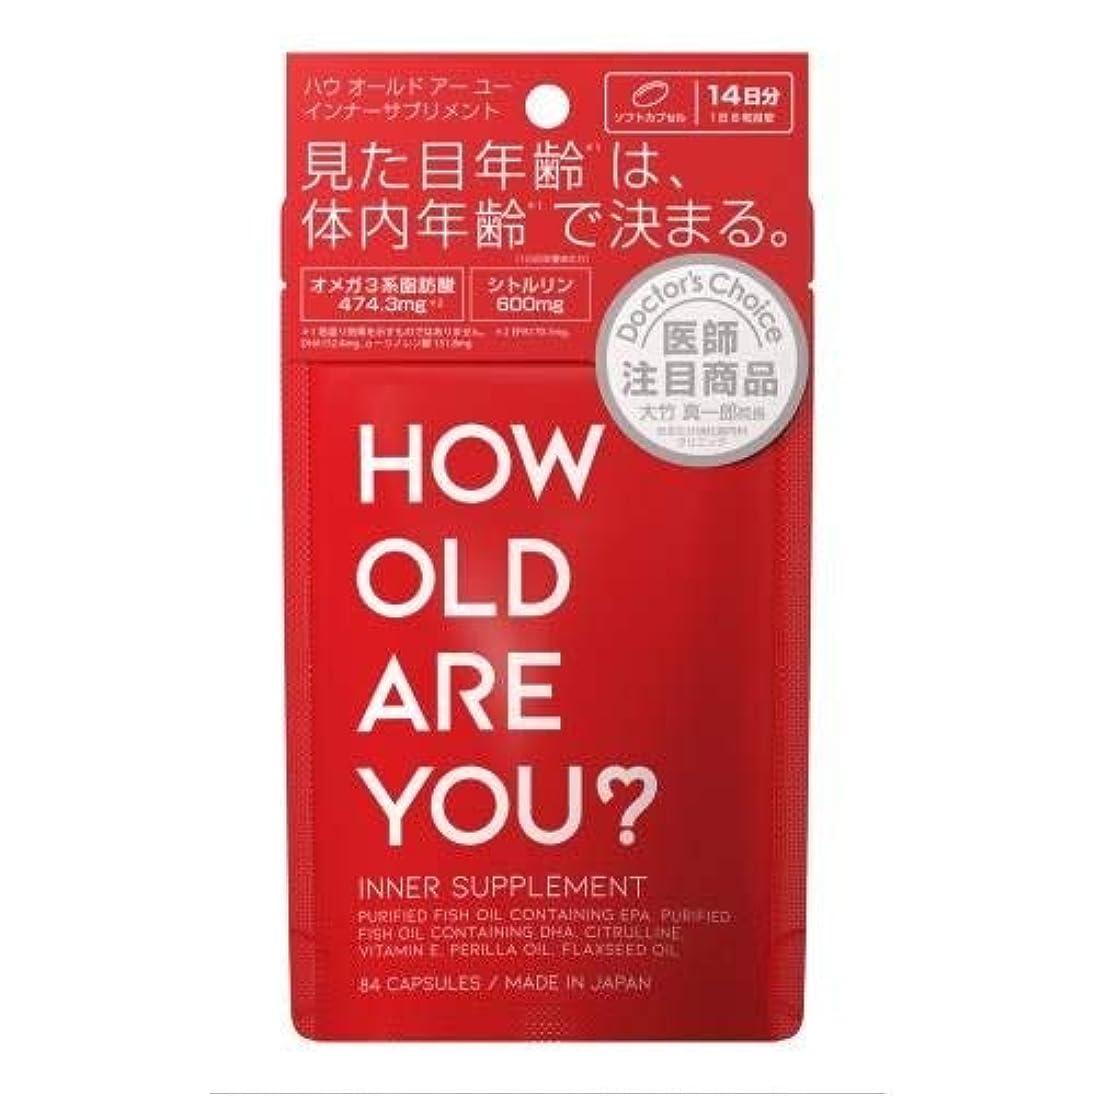 抜本的な証言印刷する【6個セット】HOW OLD ARE YOU?インナーサプリメント 84粒